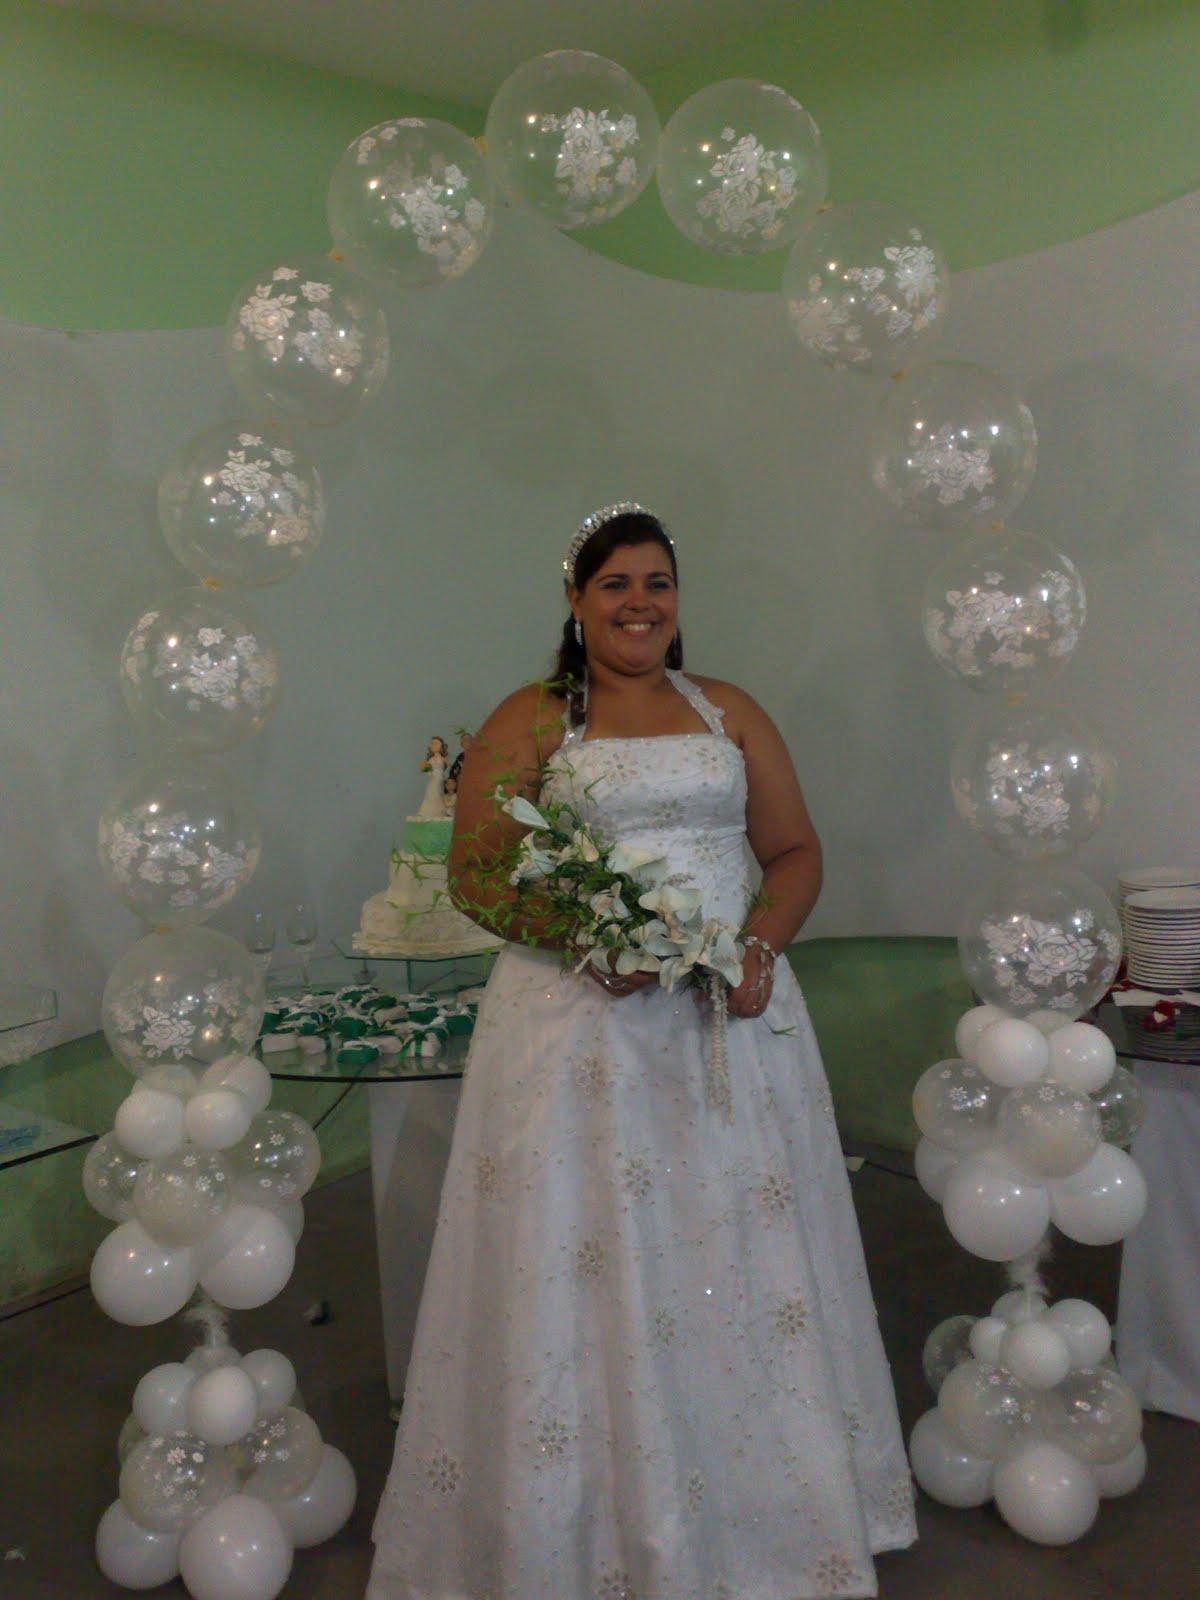 Balloons Fest decorações com balões em Salvador -> Decoração Balões Casamento